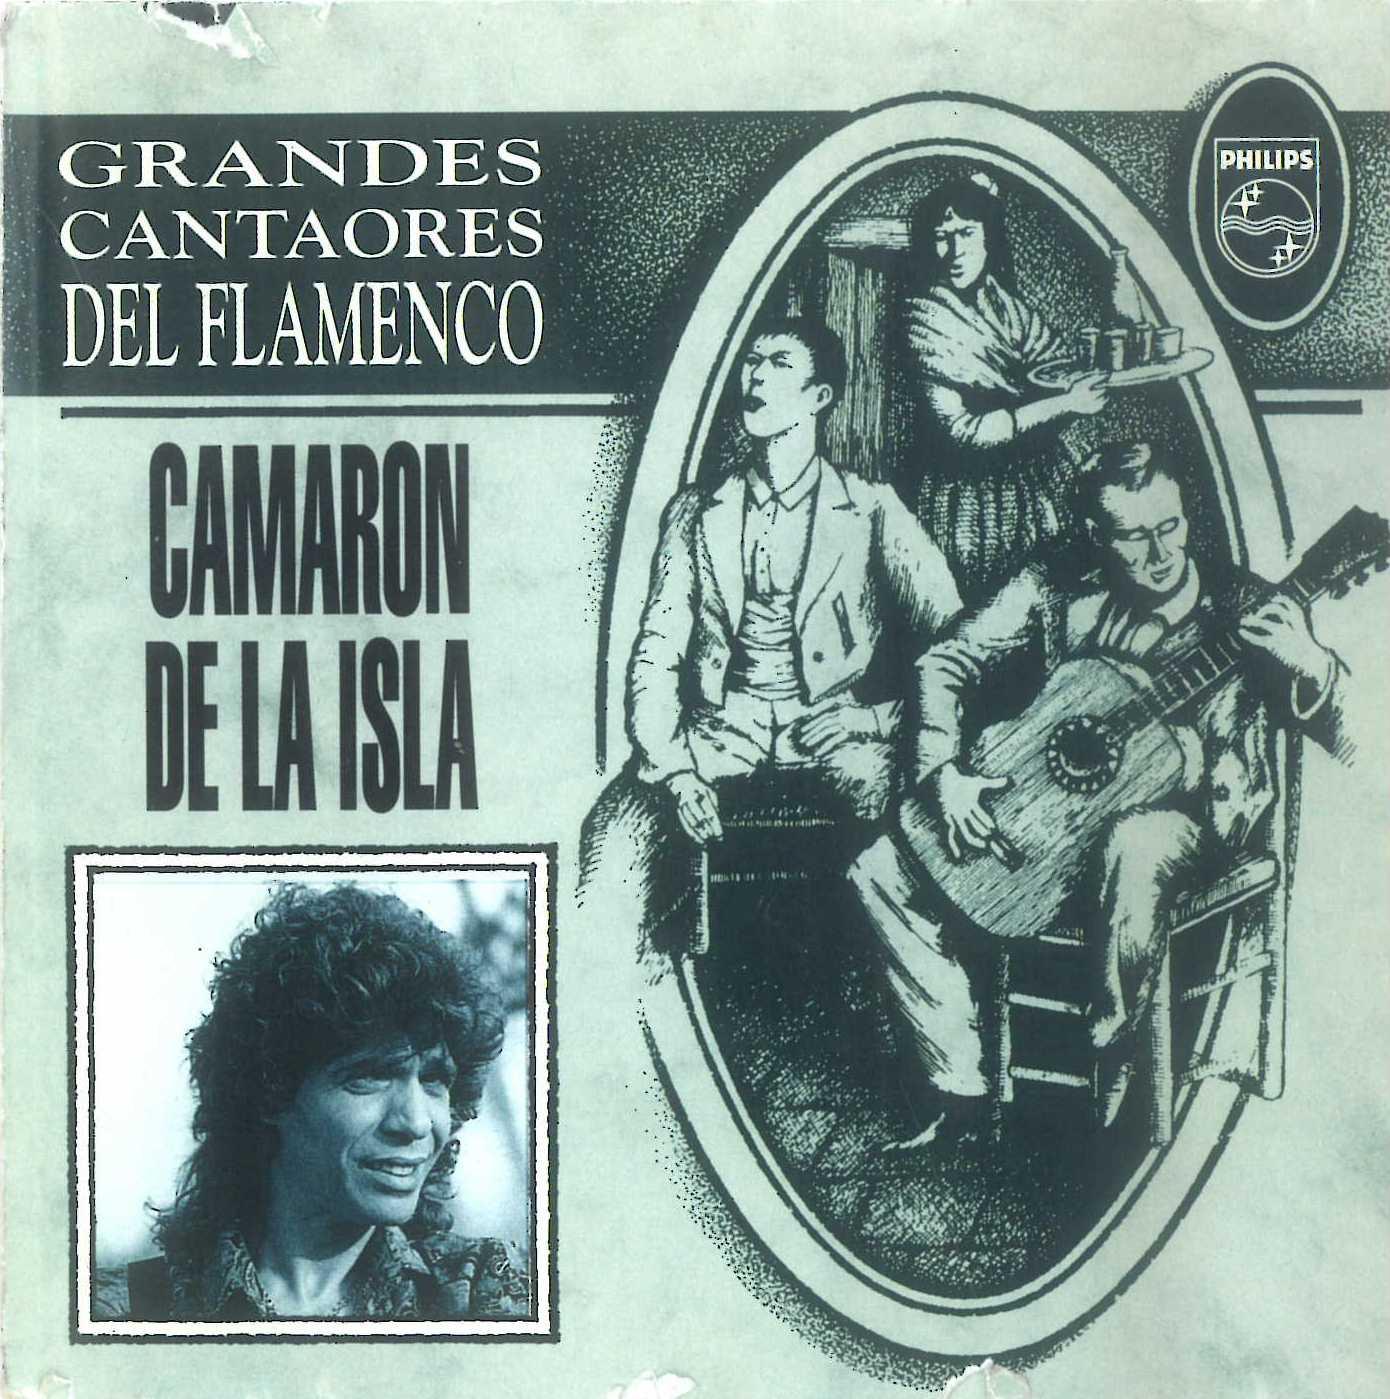 Grandes cantaores del flamenco: Camarón de la Isla